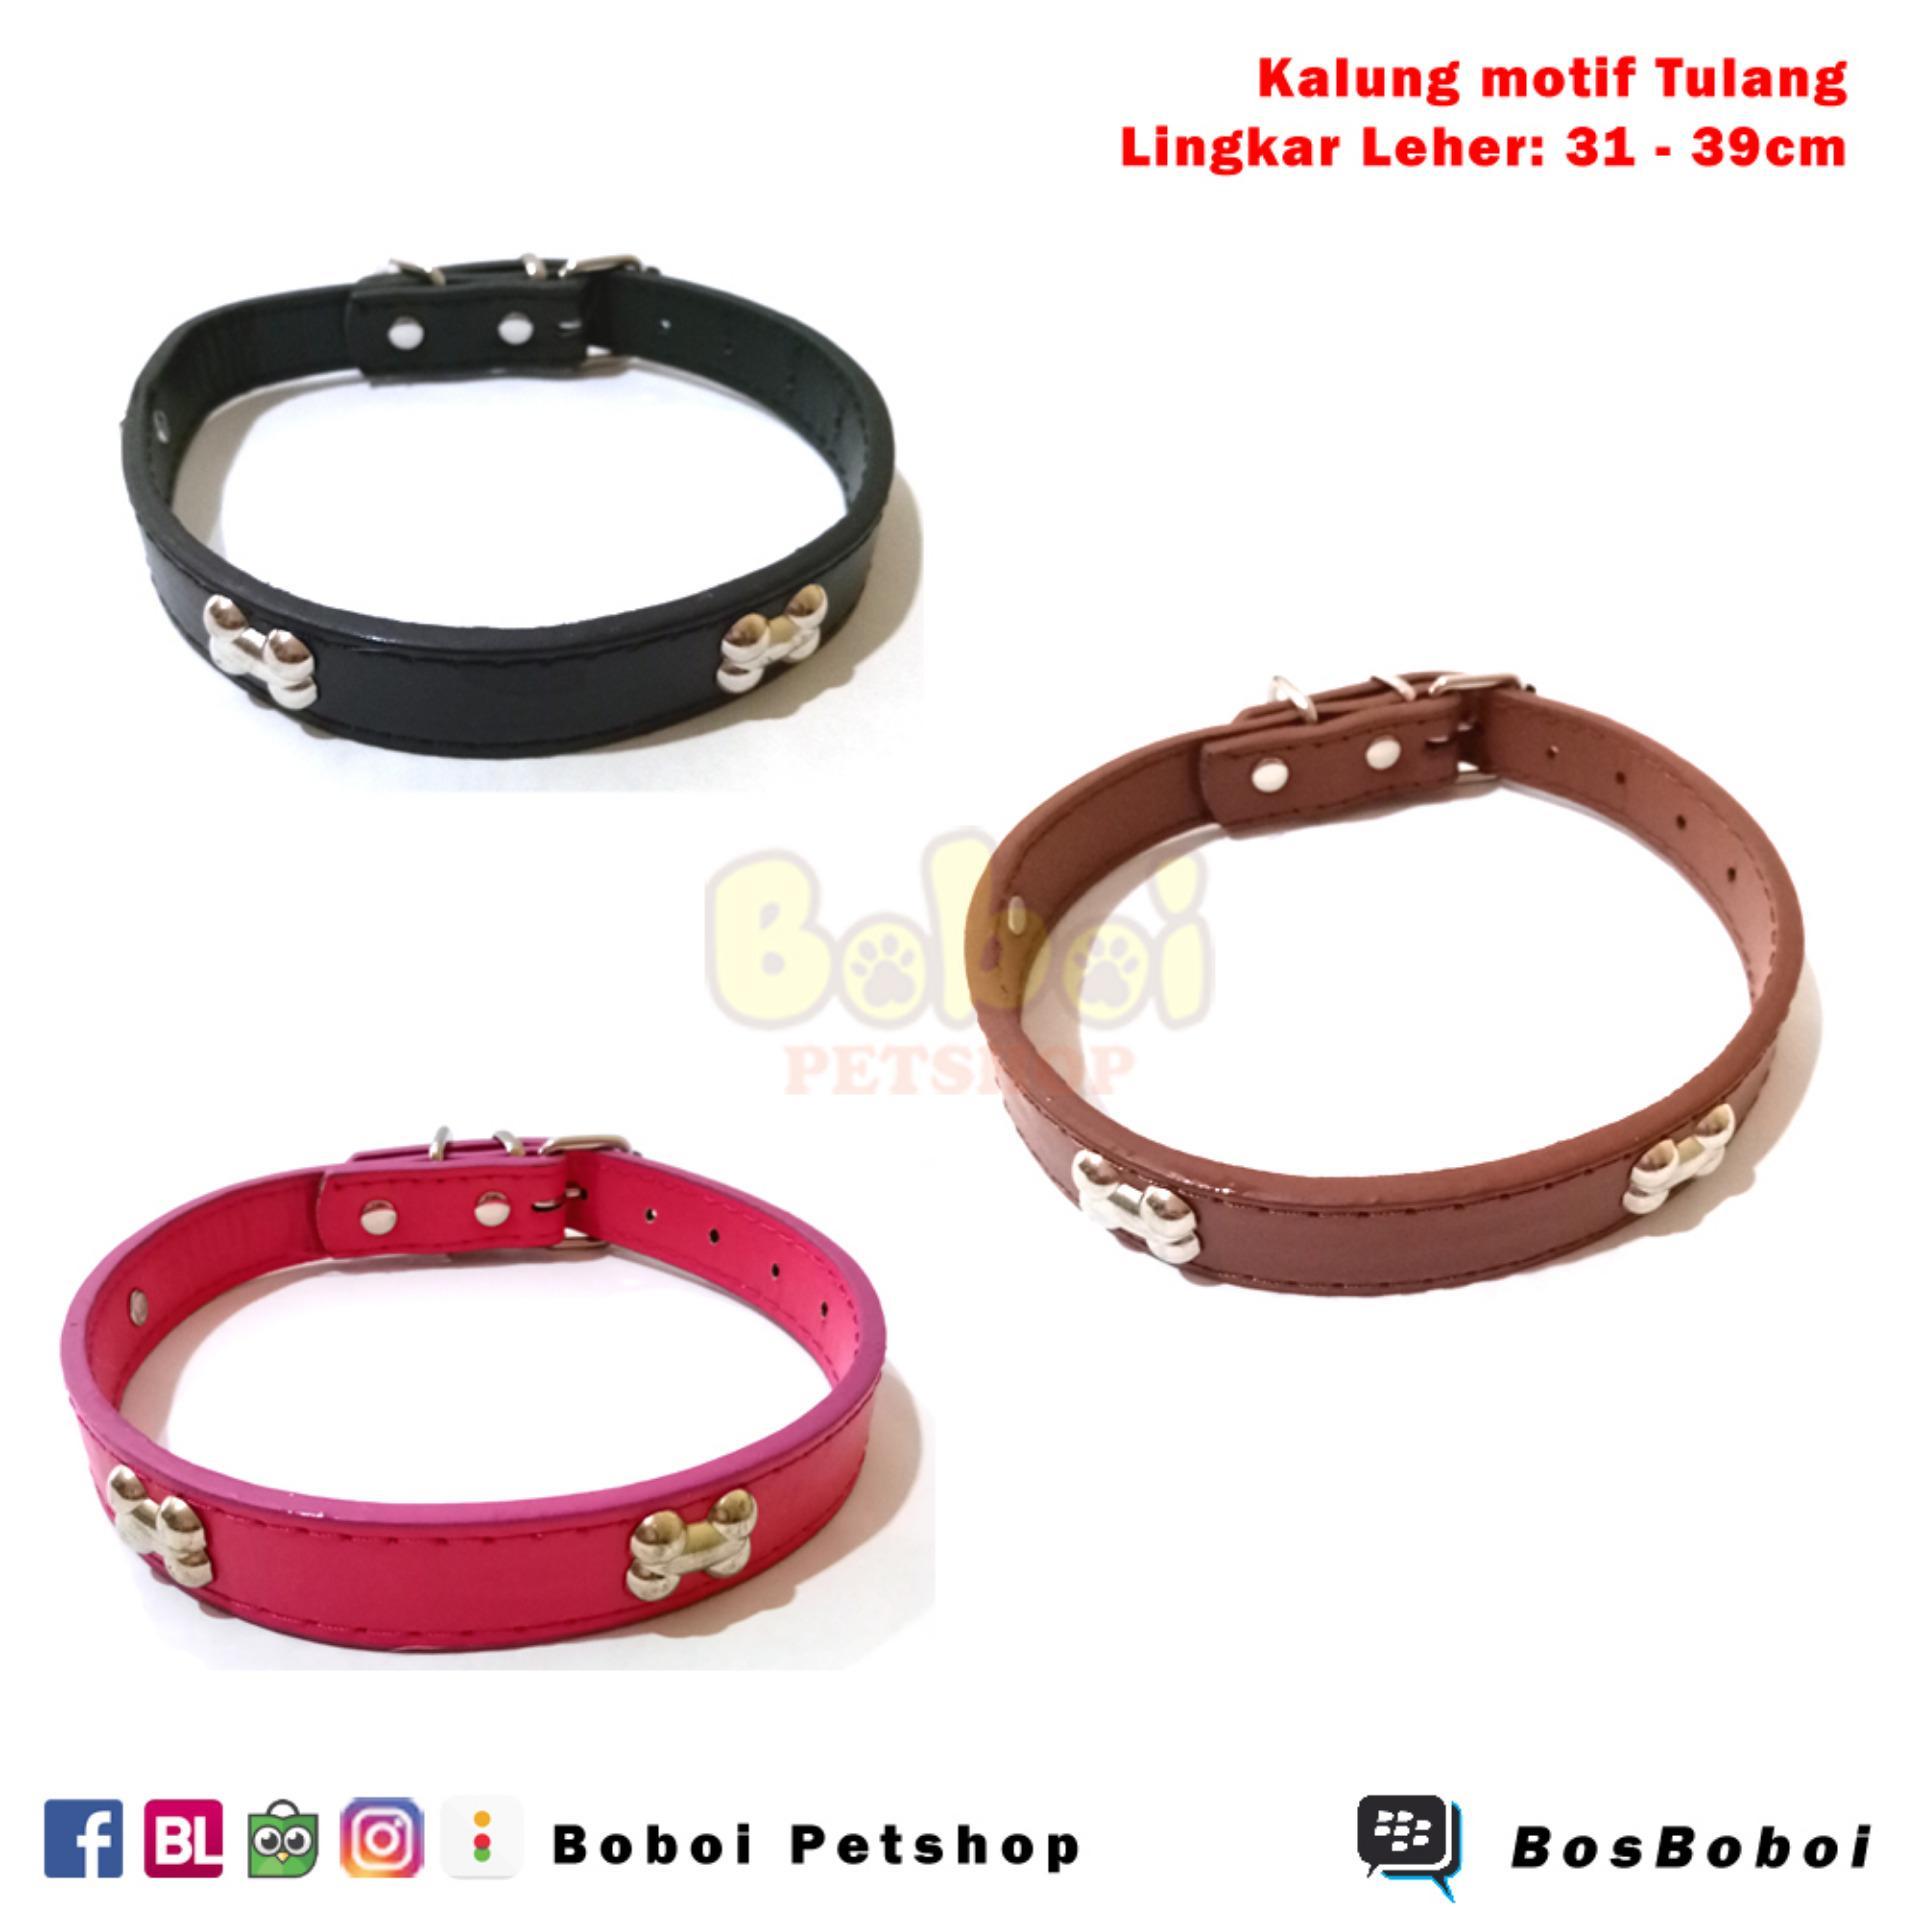 Flash Sale Kalung Anjing Kalung Kucing Dog Collar Cat Collar Leather Collar